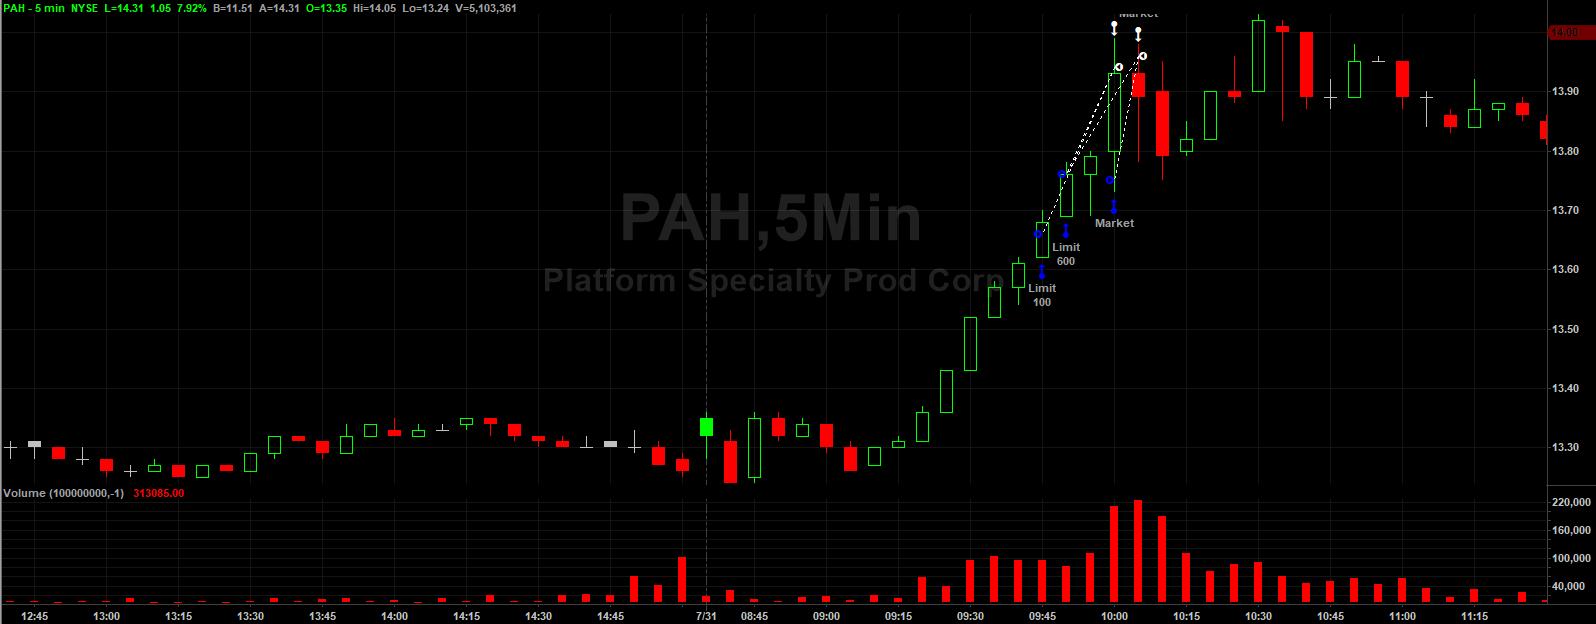 pah-20170731-5-min.png